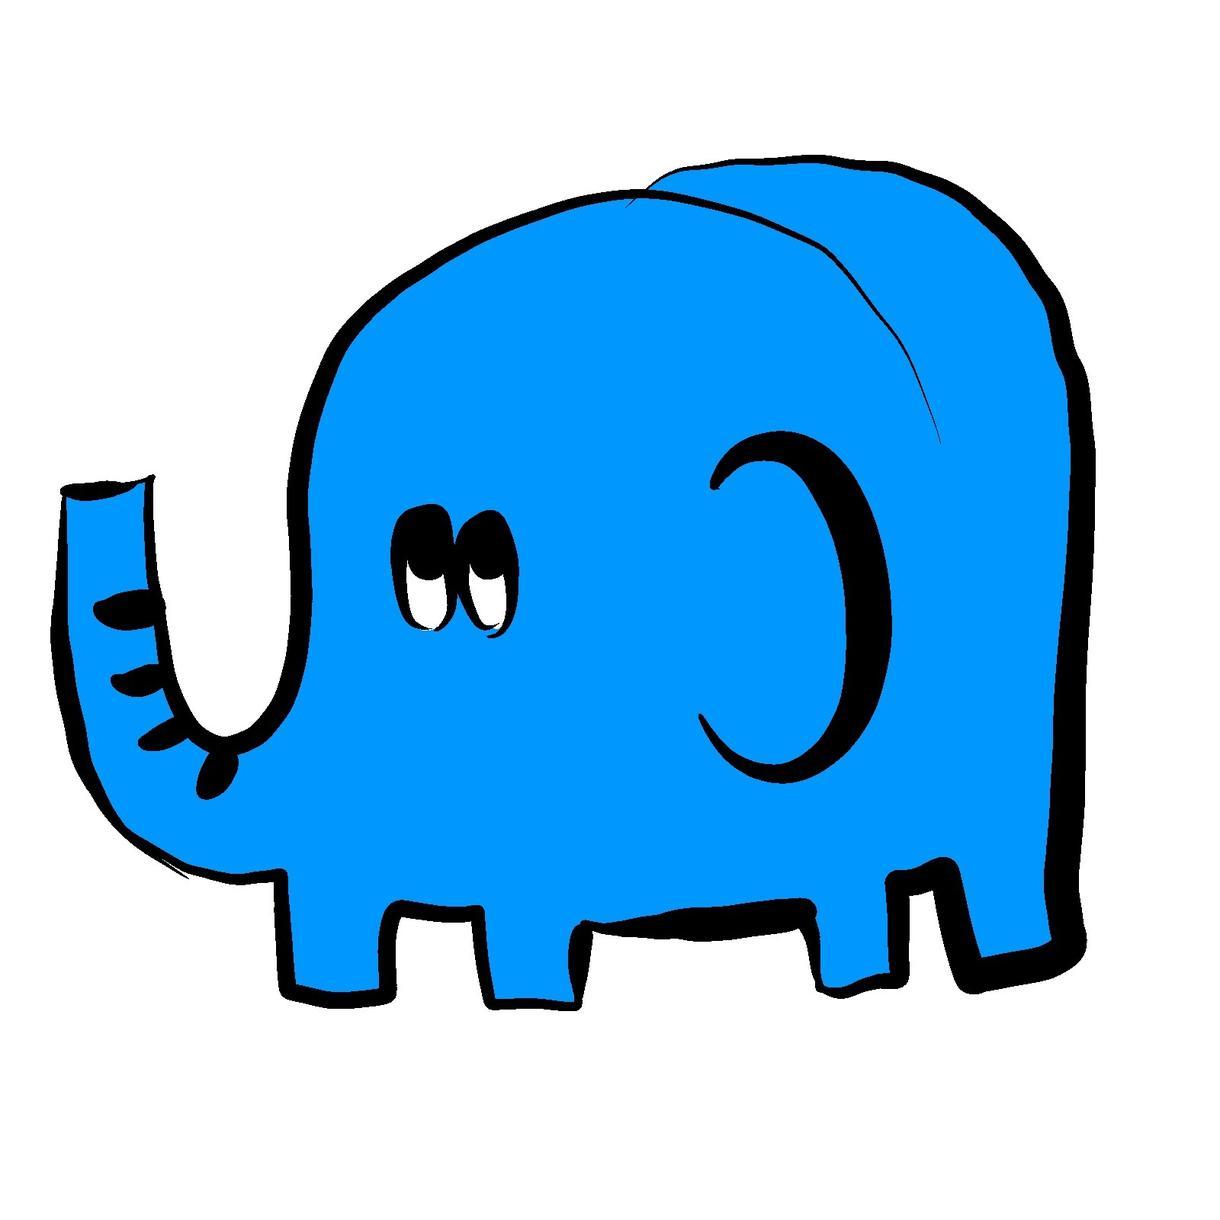 ゆるい動物のイラスト描きます 挿絵やチラシ、アイコン、webなどに